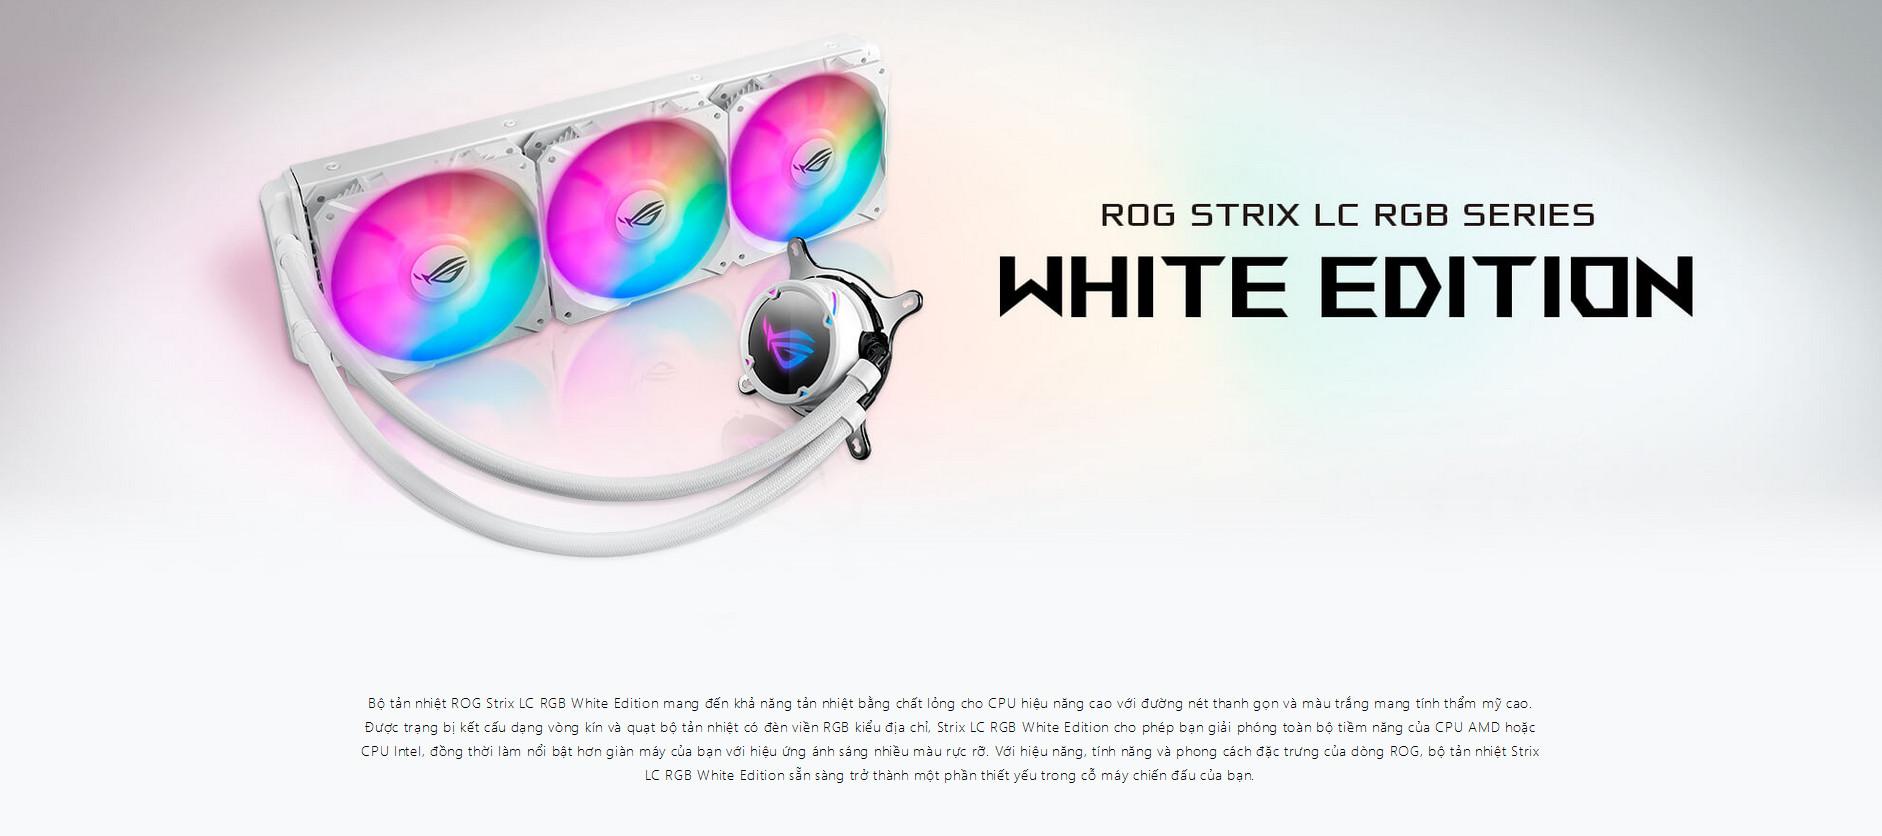 Tản nhiệt nước Asus ROG STRIX LC 360 RGB White Edition mang đến khả năng tản nhiệt bằng chất lỏng cho CPU hiệu năng cao với đường nét thanh gọn và màu trắng mang tính thẩm mỹ cao